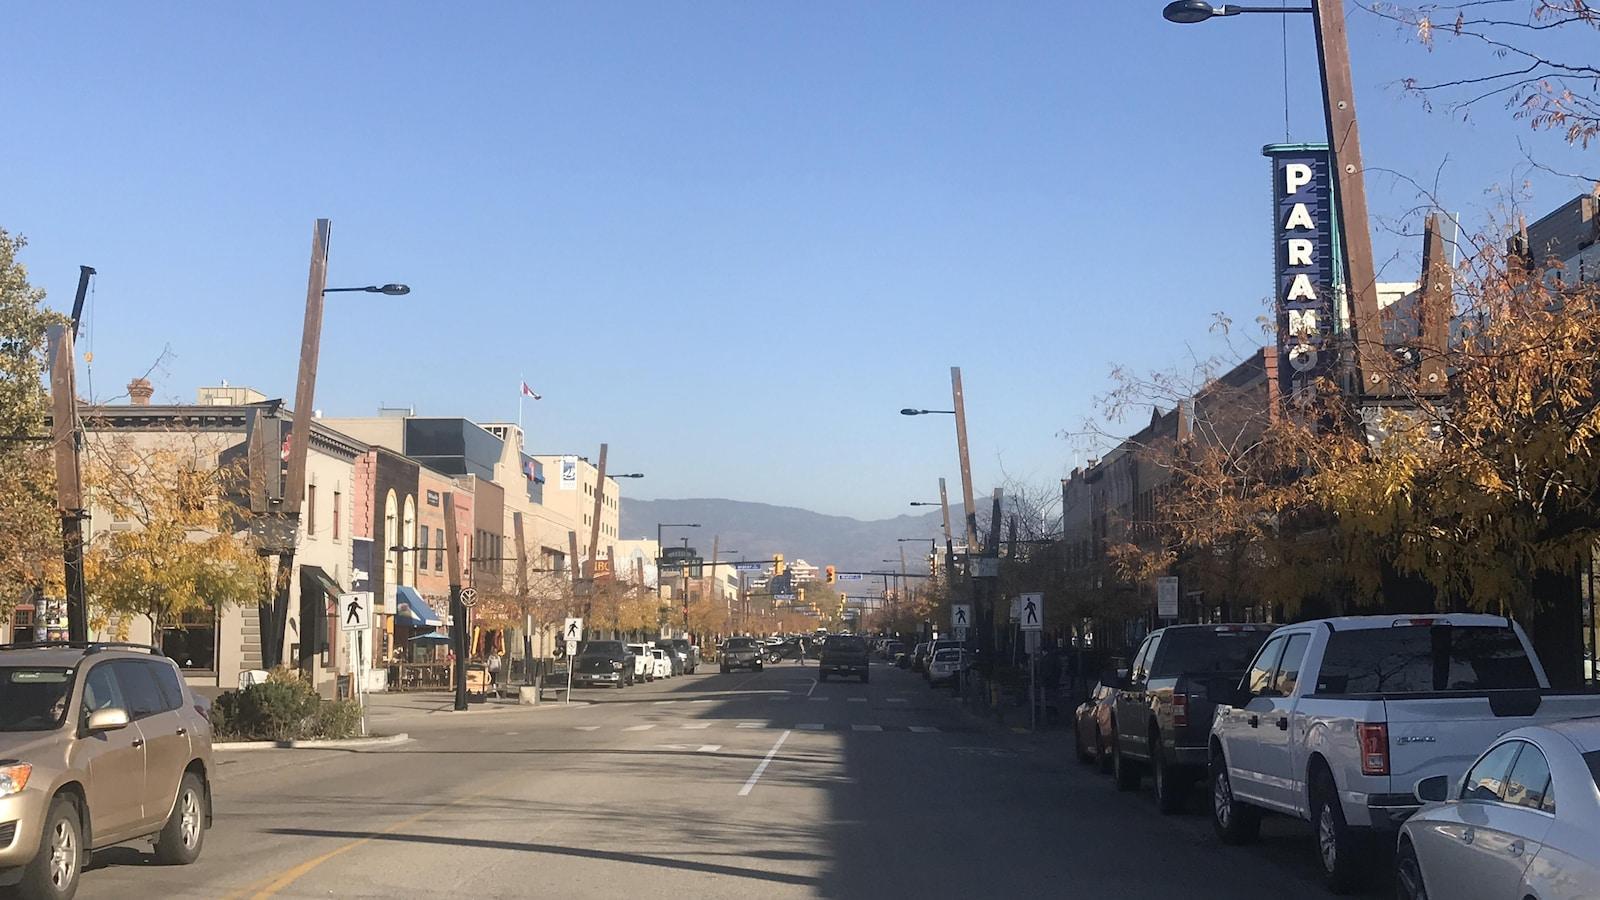 Une rue avec des voitures qui roulent et d'autres qui sont garées, et les montagnes au loin.